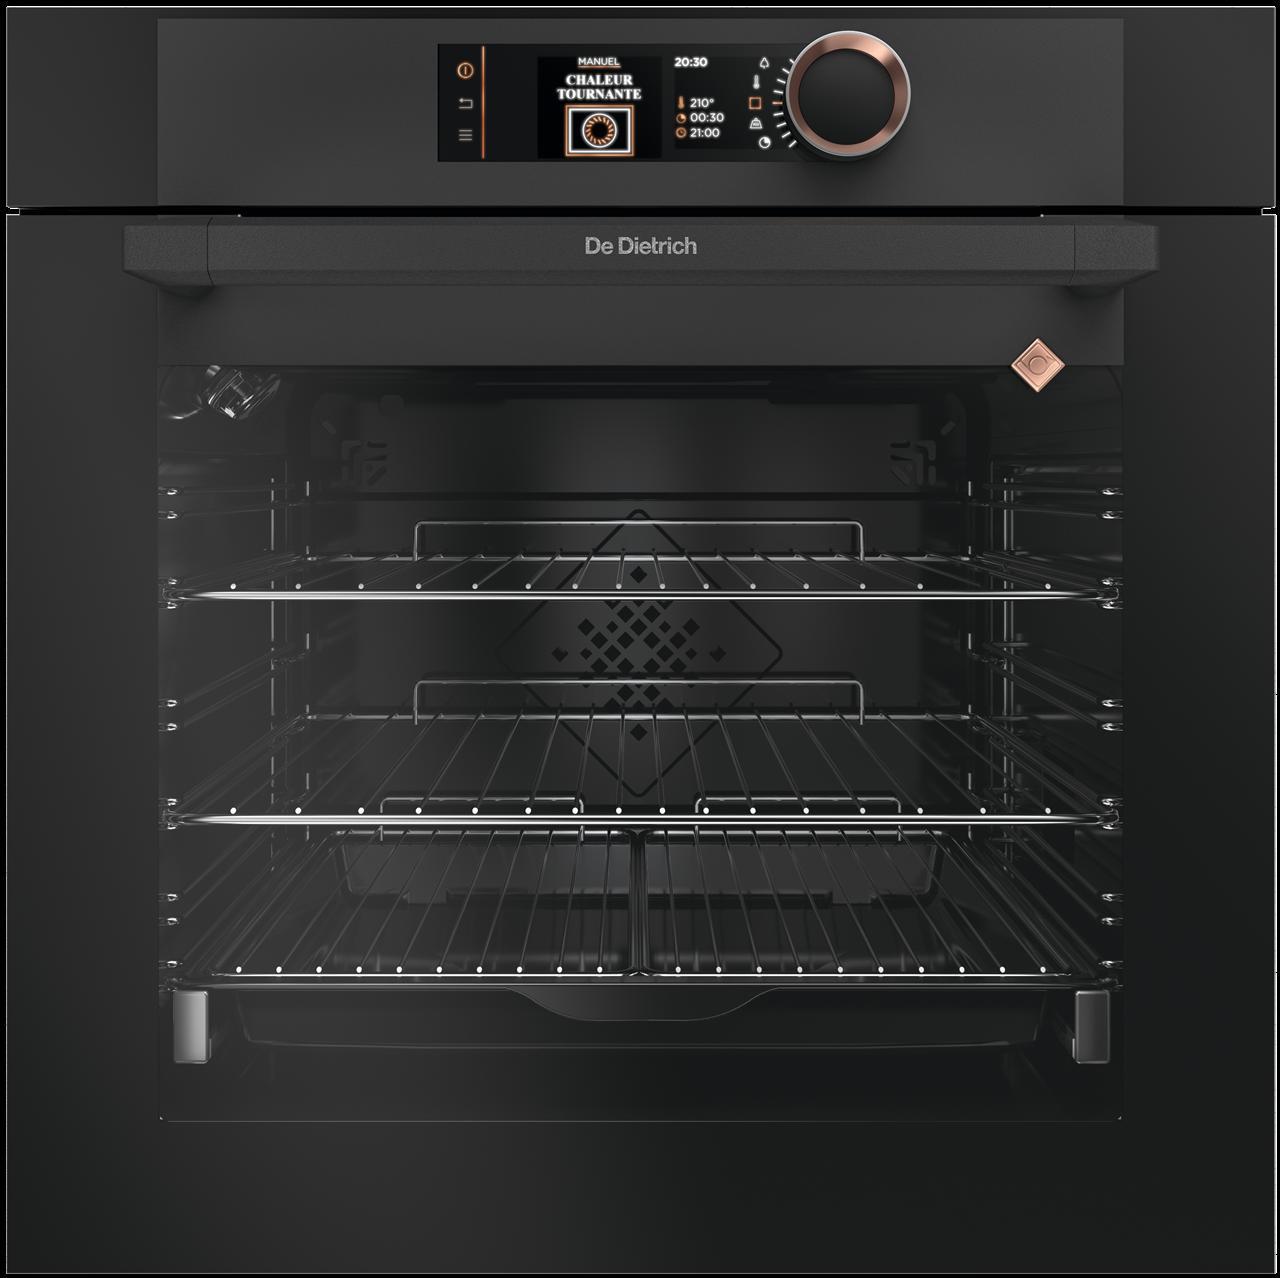 druha kuchyn od Schmidta ( finalni verze) - Trouba De Dietrich DOE 7560A